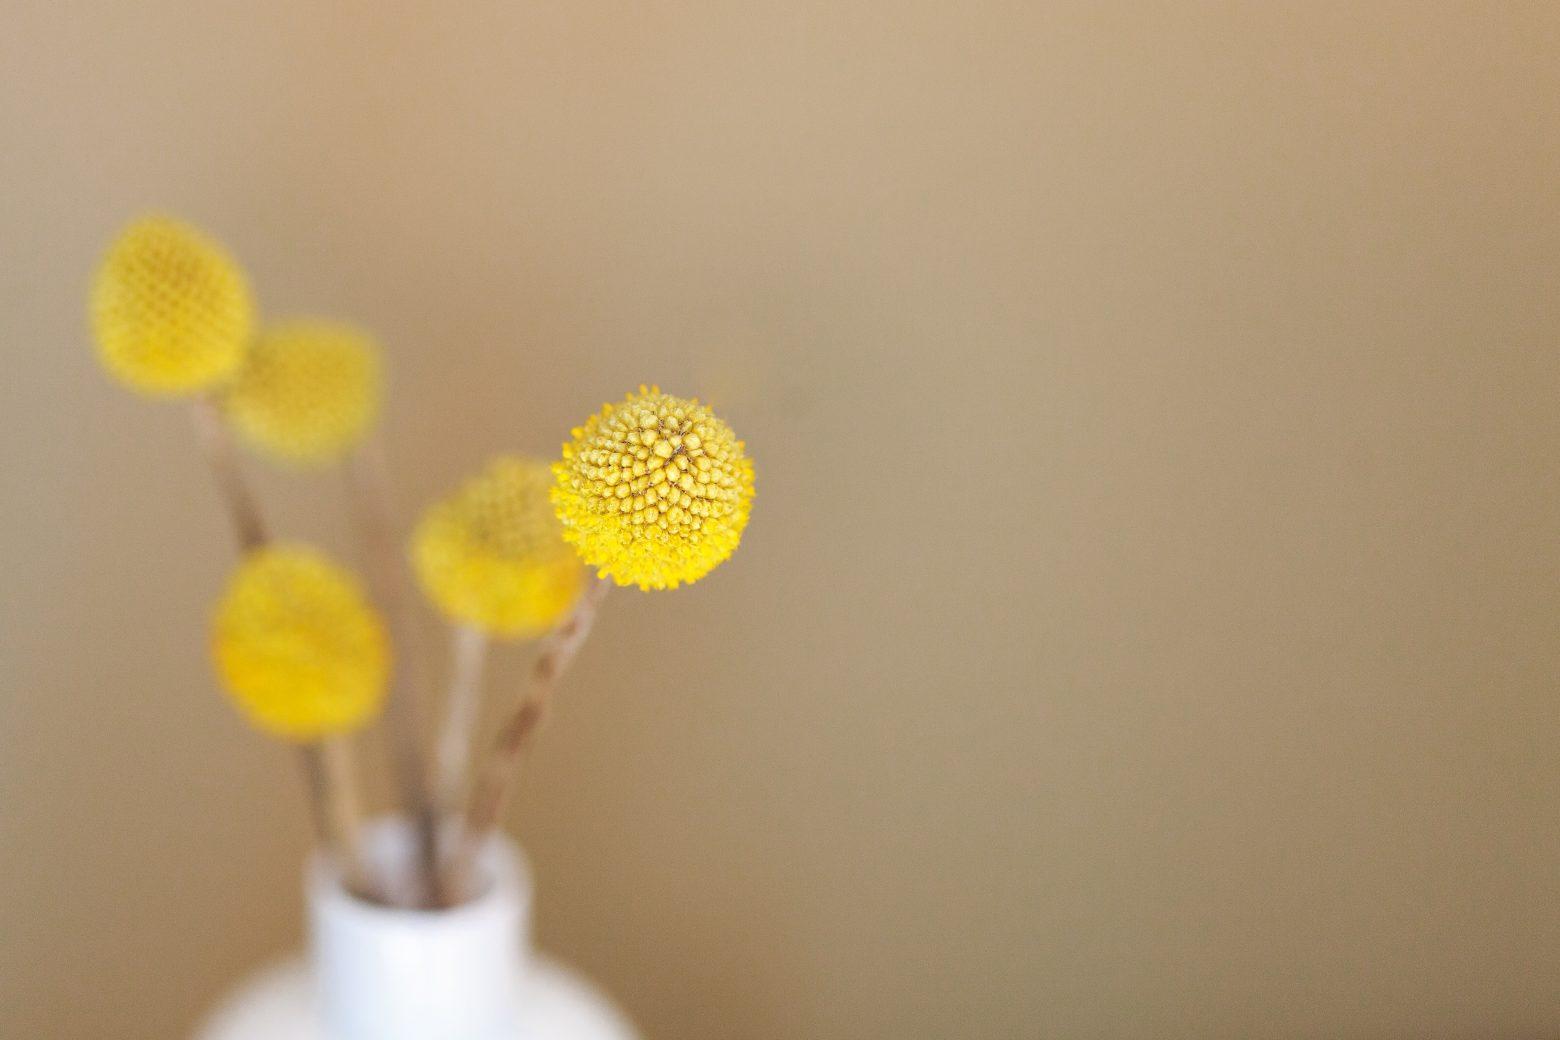 Yellow lovely flower